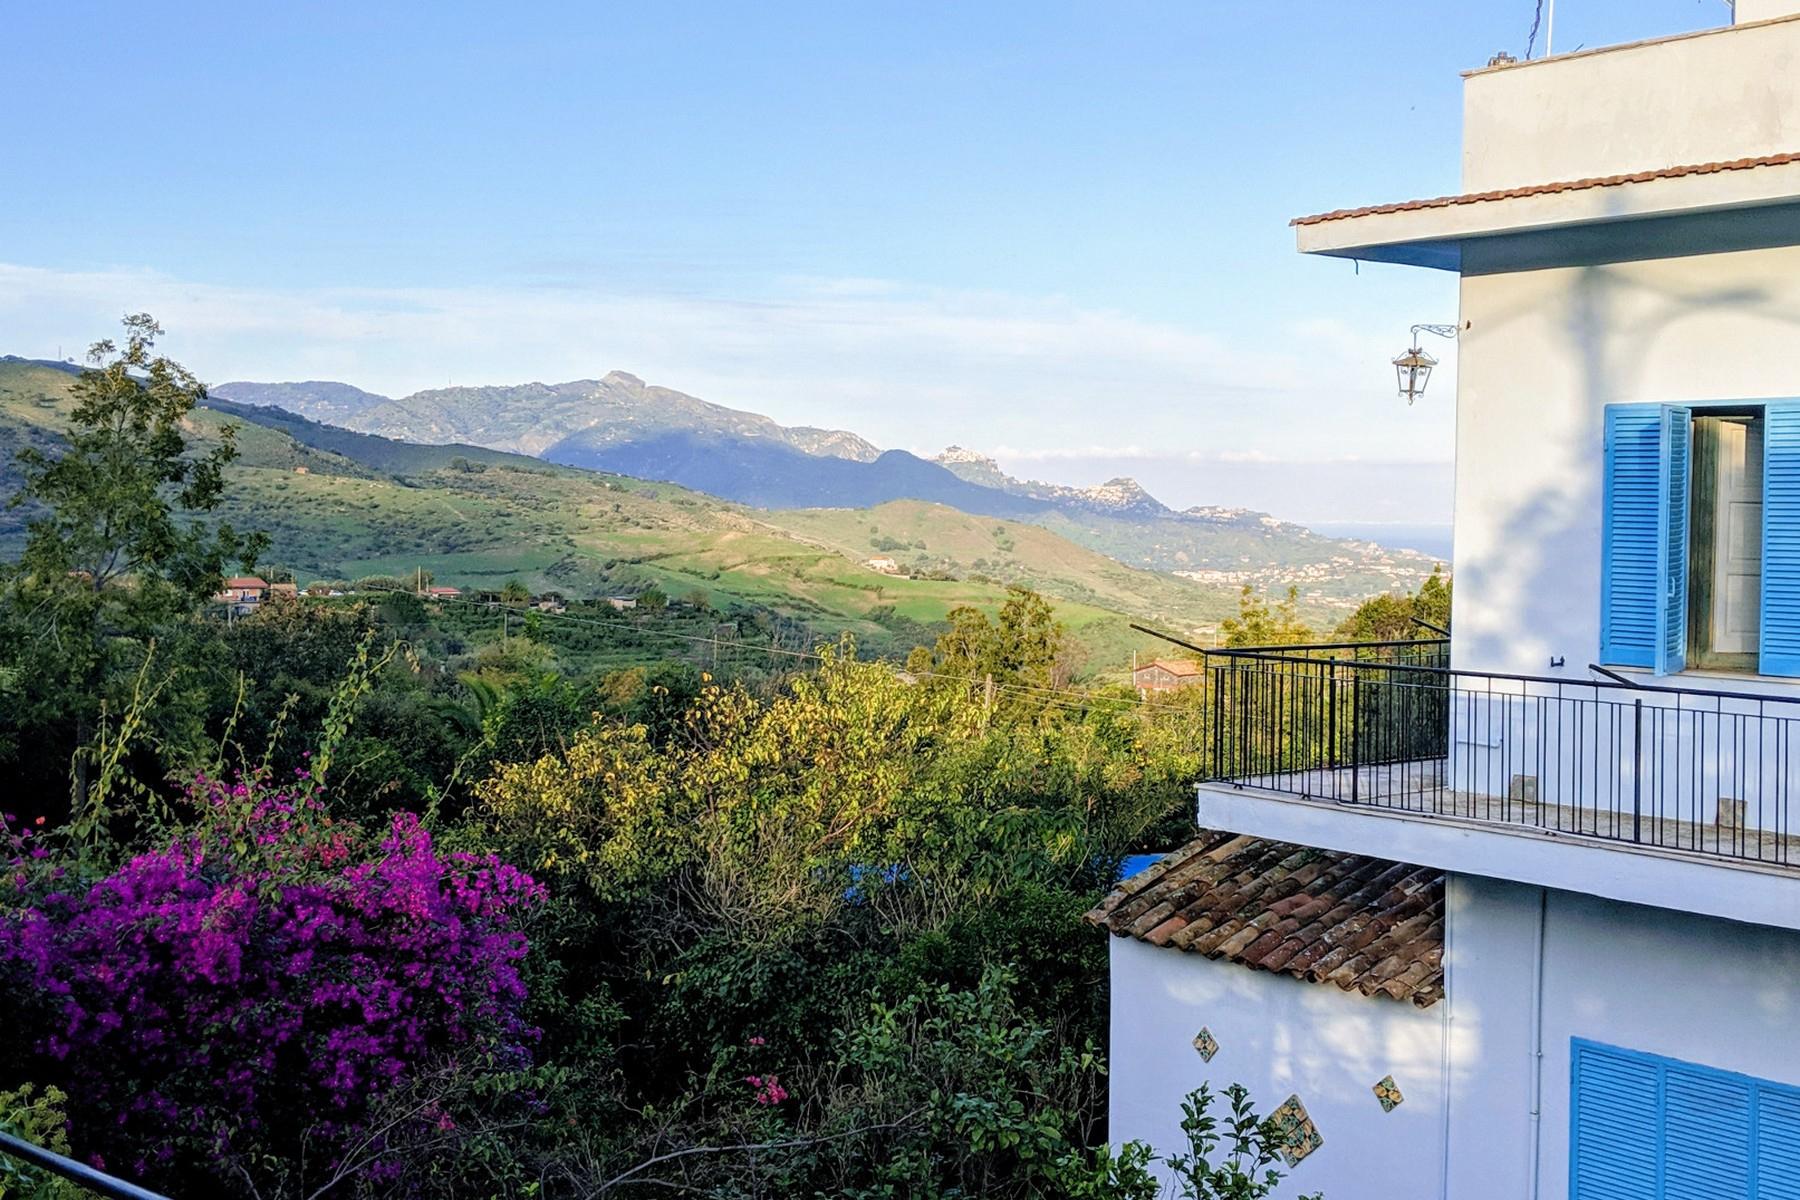 Villa in Vendita a Piedimonte Etneo: 5 locali, 300 mq - Foto 13